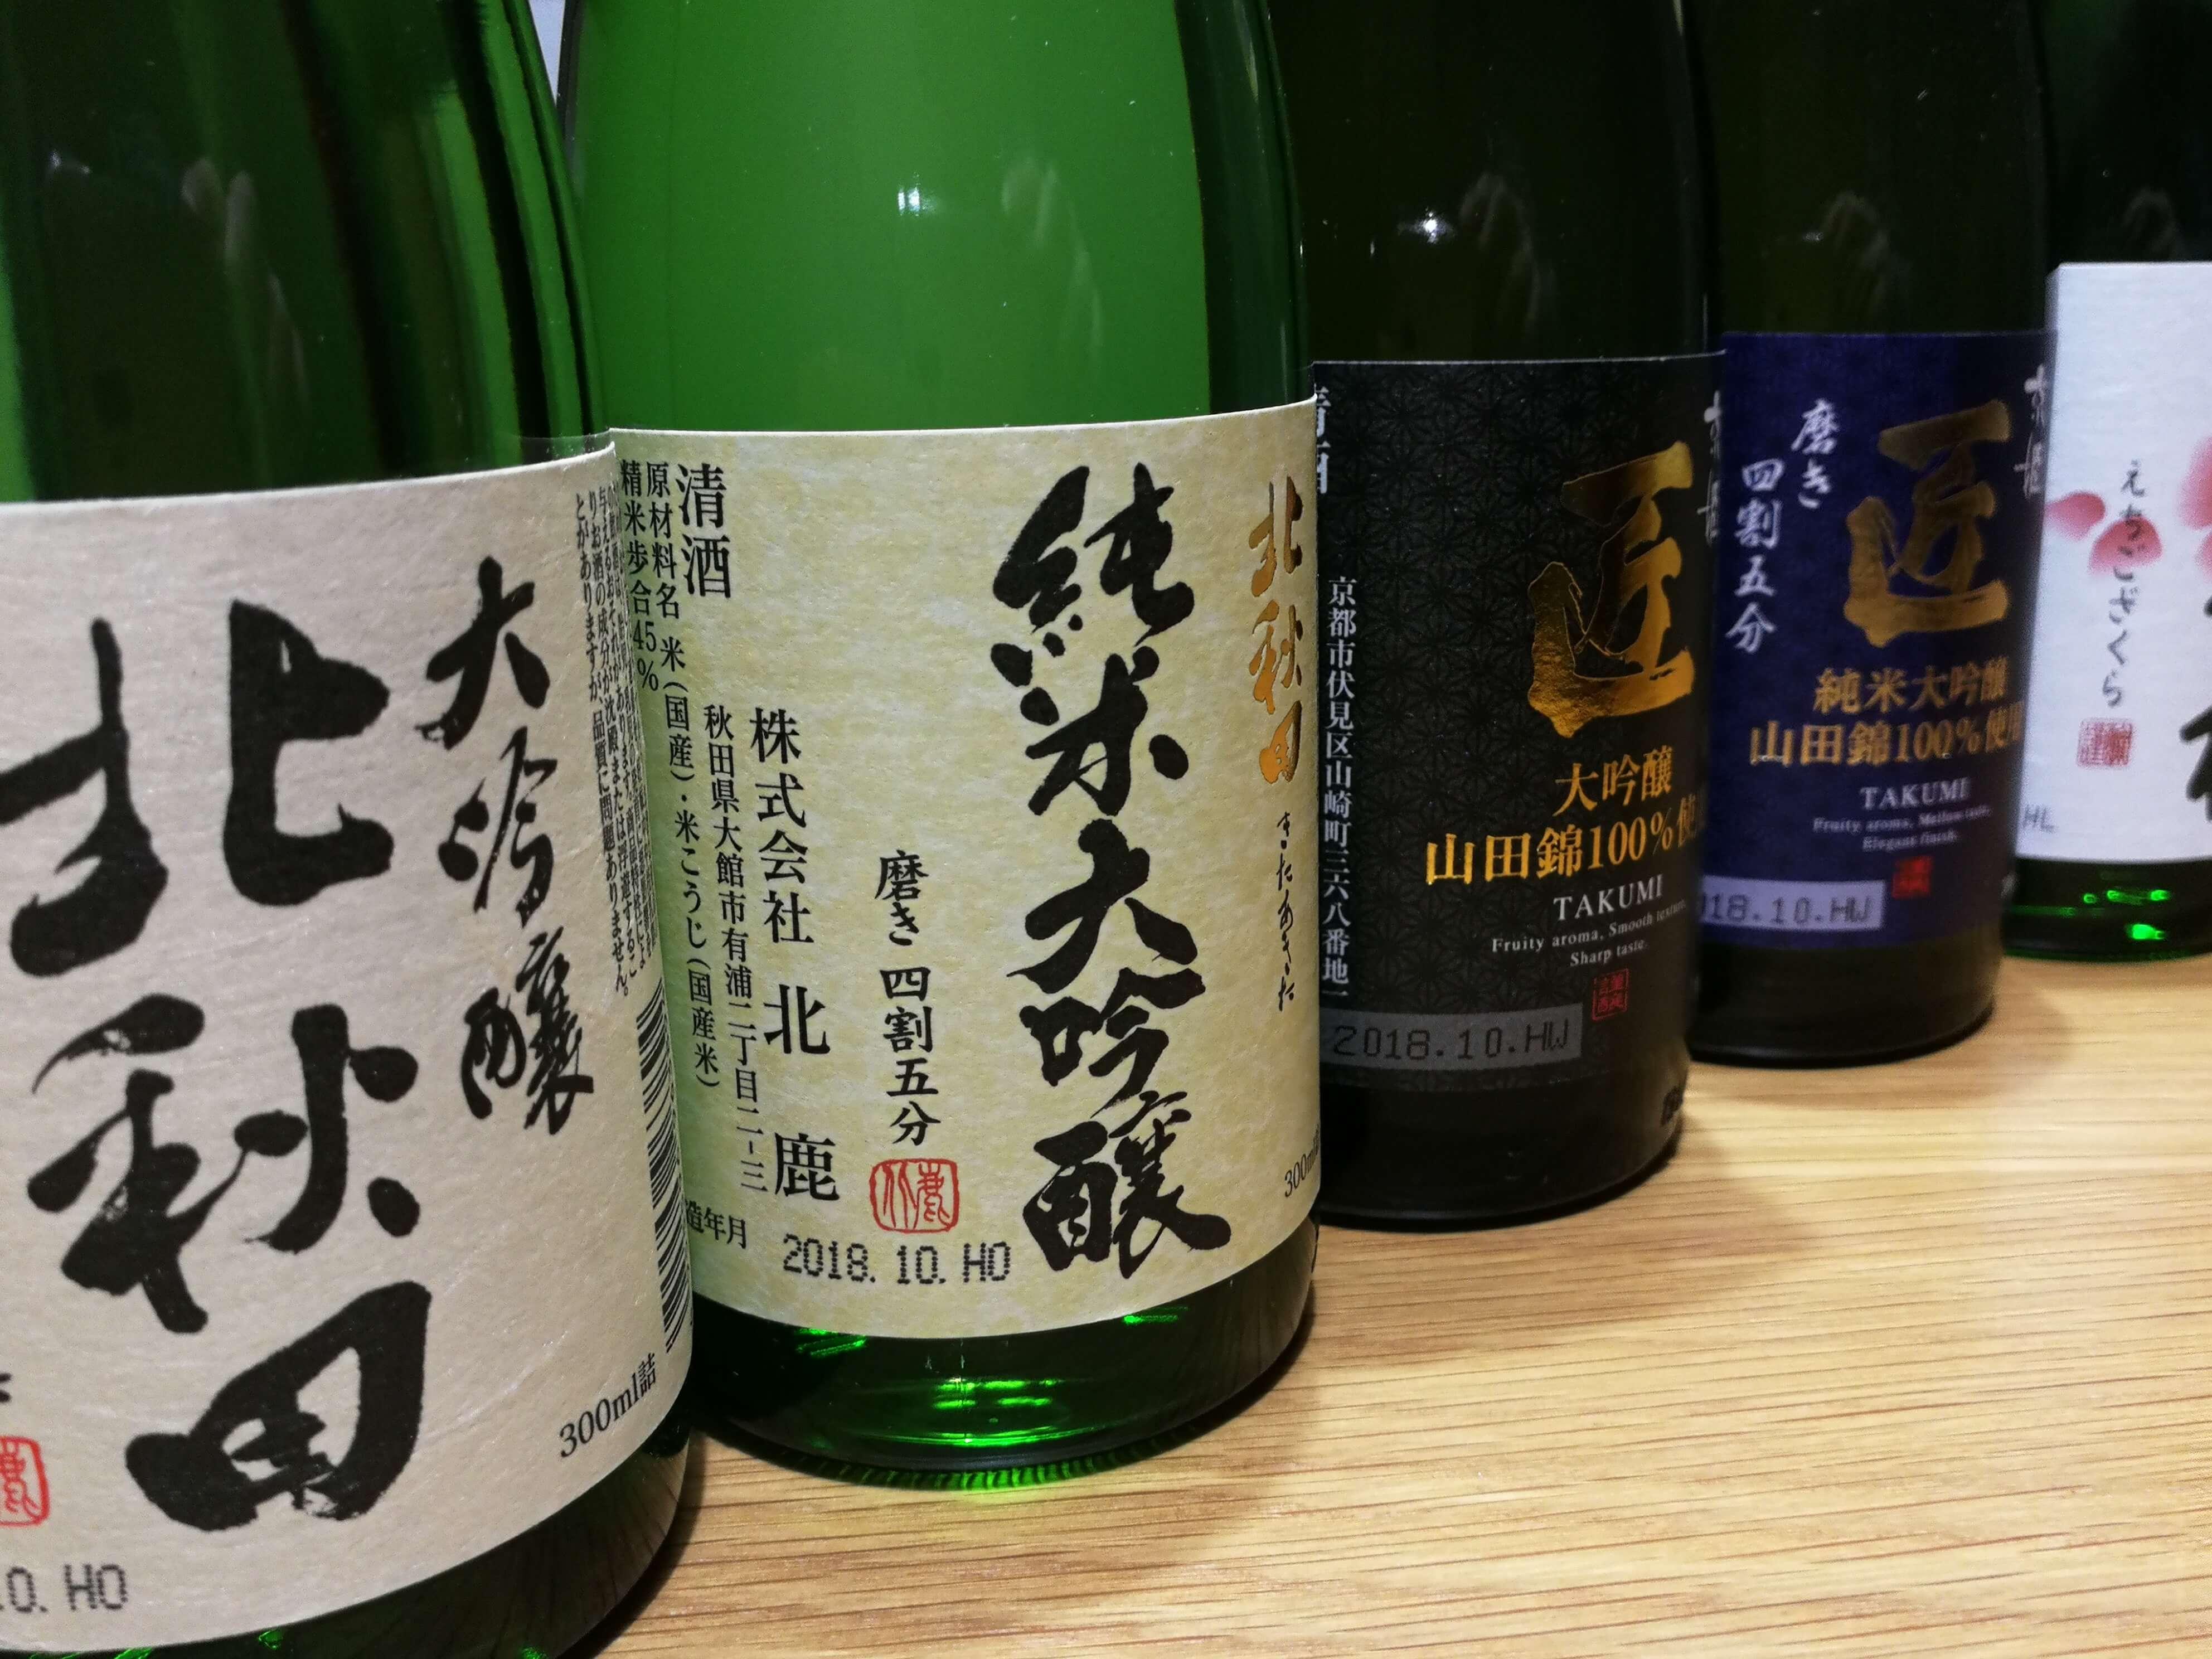 純米大吟醸・大吟醸6種飲み比べが並ぶ